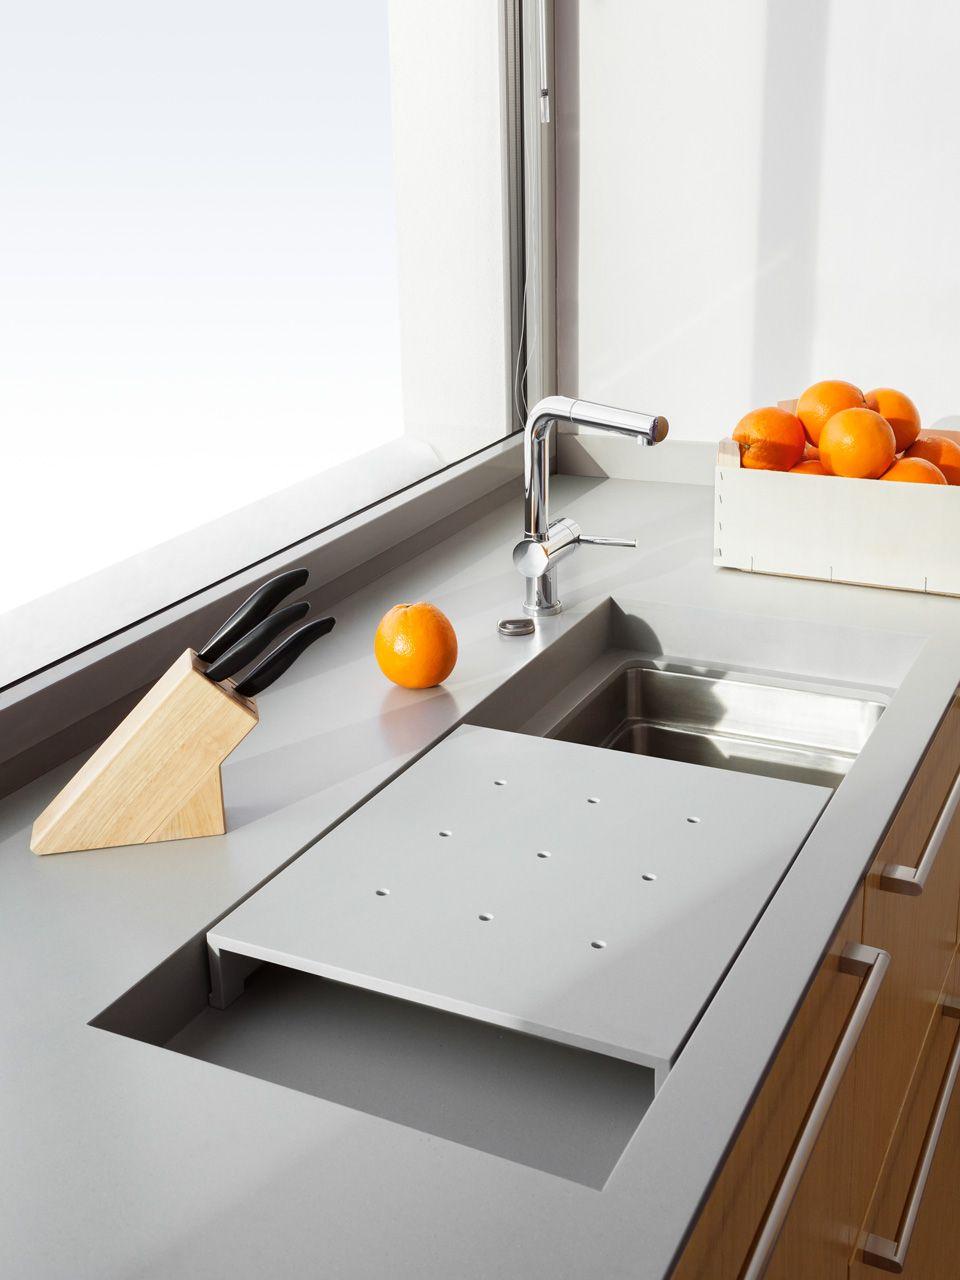 plan 3 küche / Struhelkovi / Schöne Aussichten   Mix stuff ...